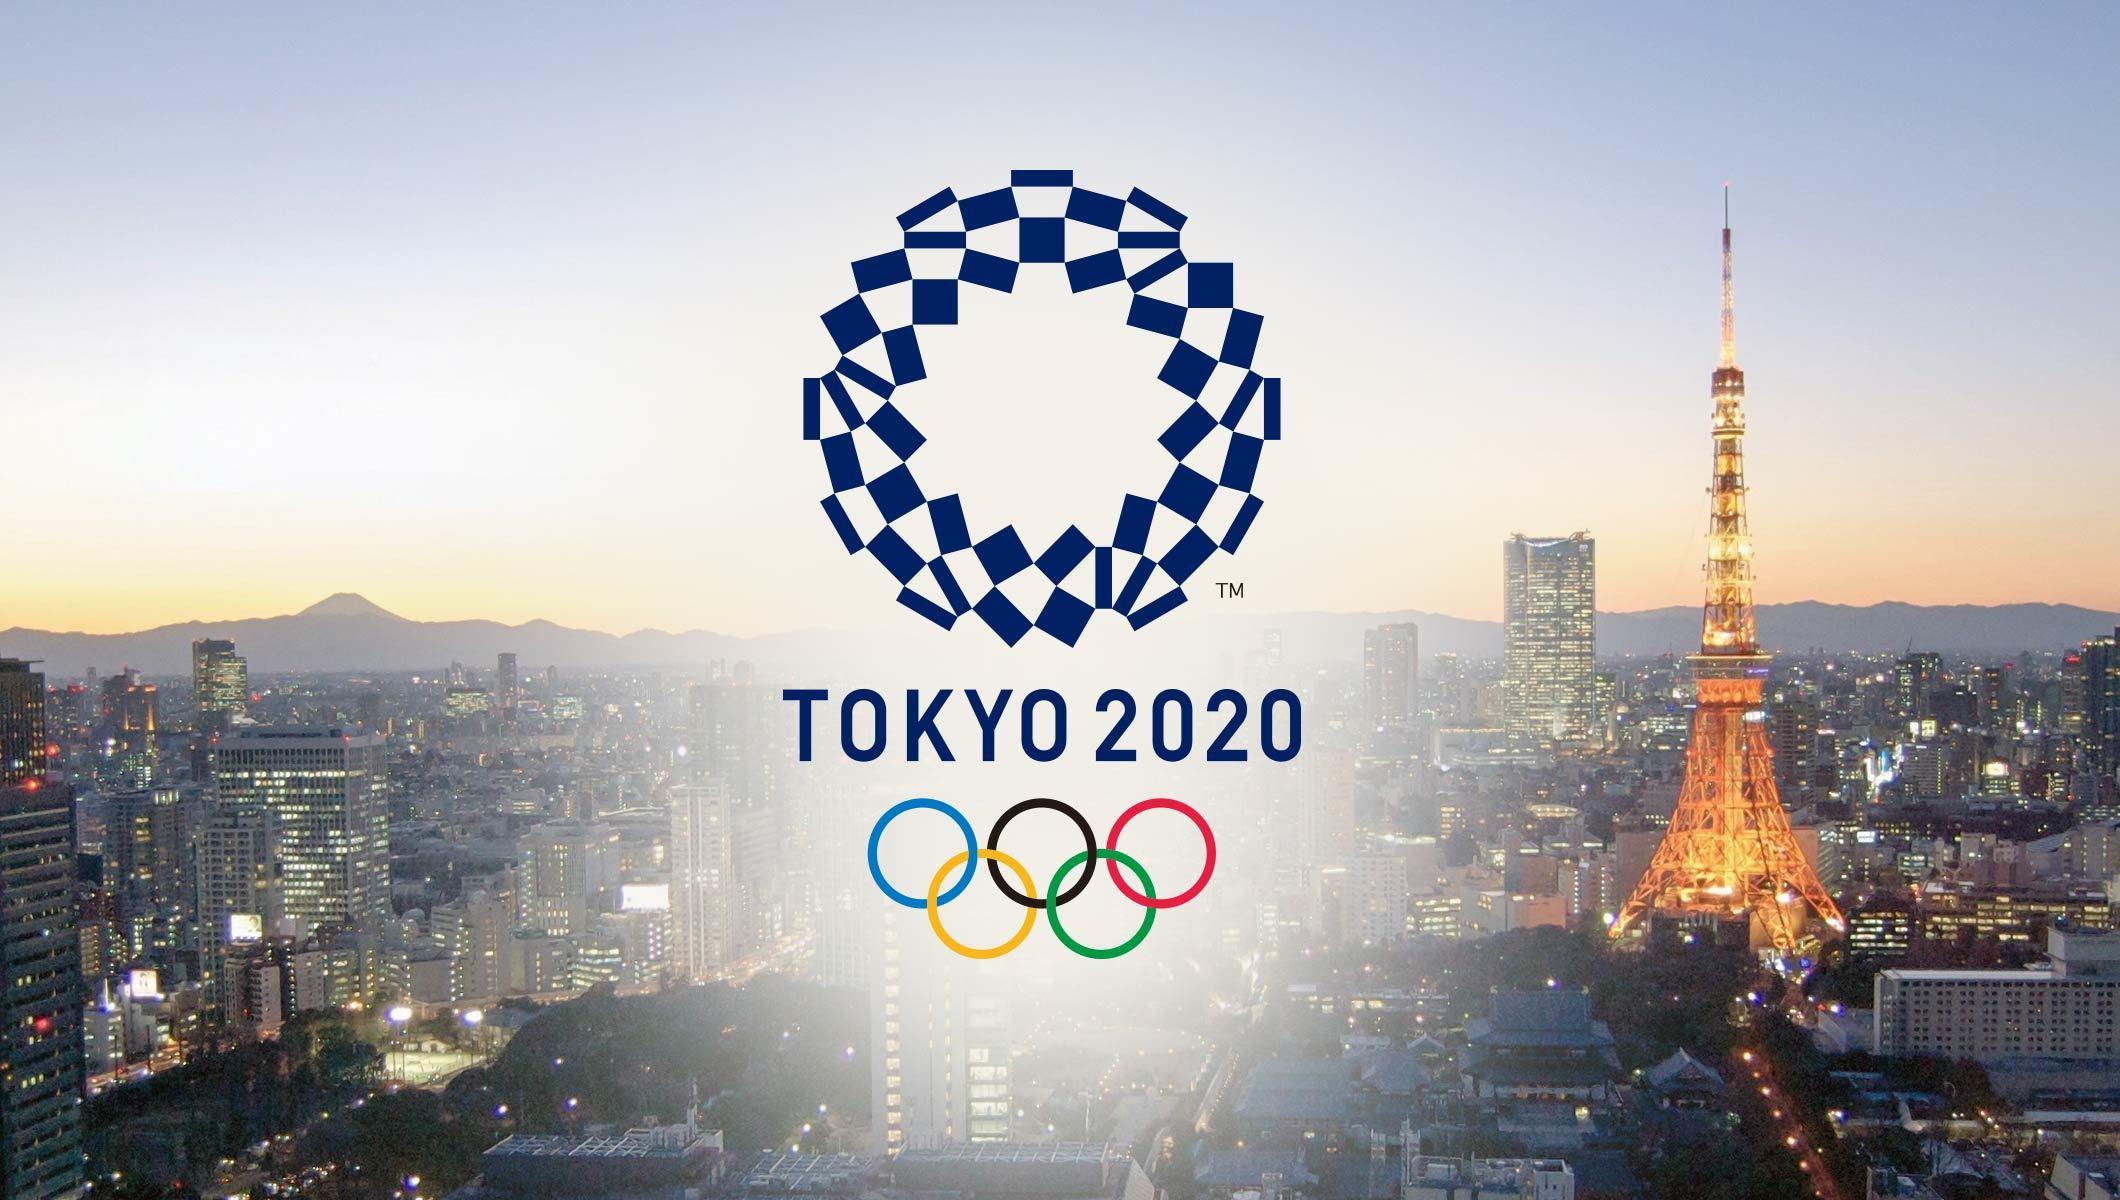 بذل و بخشش بلیت المپیک توسط ژاپنیها